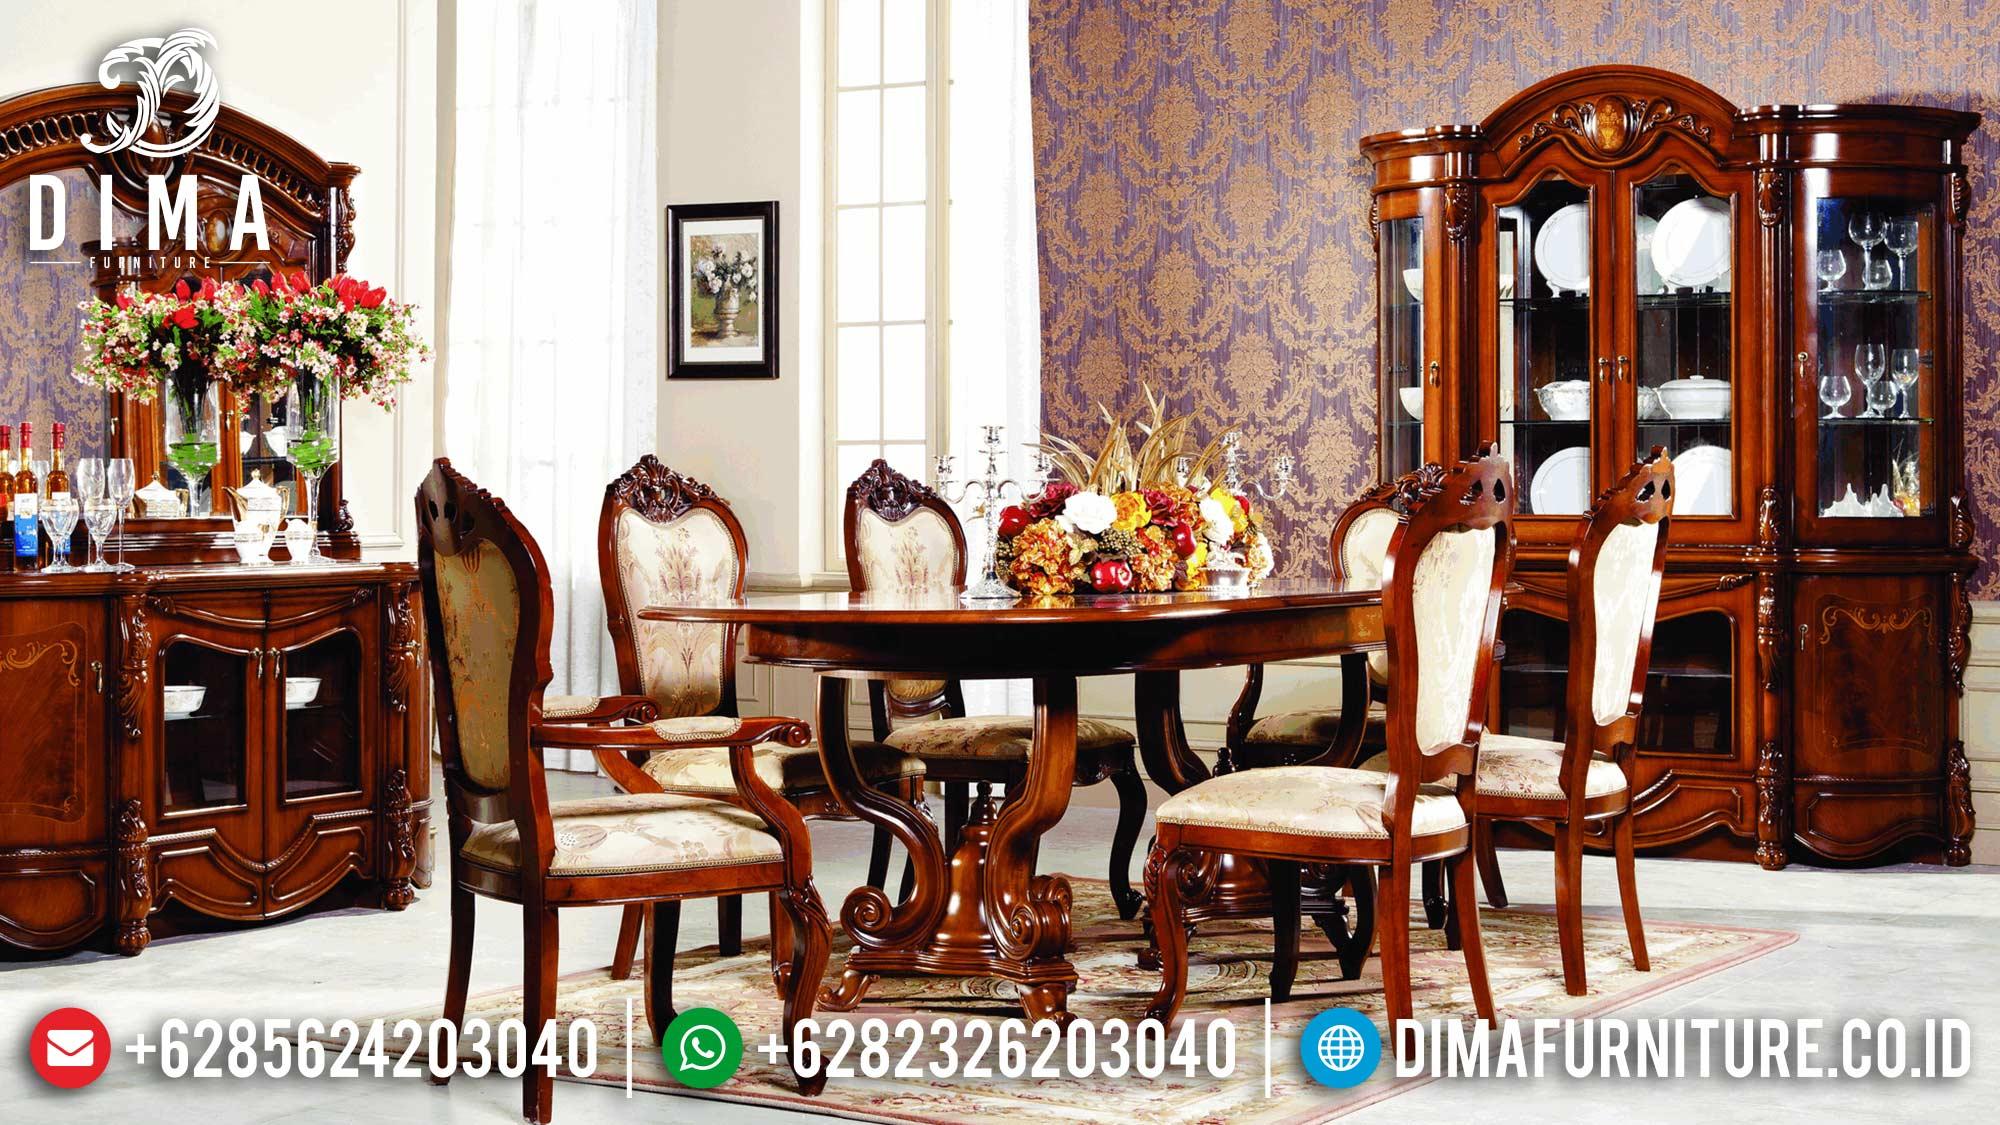 Harga Meja Makan Mewah Jati Klasik Natural Great Solid Wood Perhutani TTJ-1616